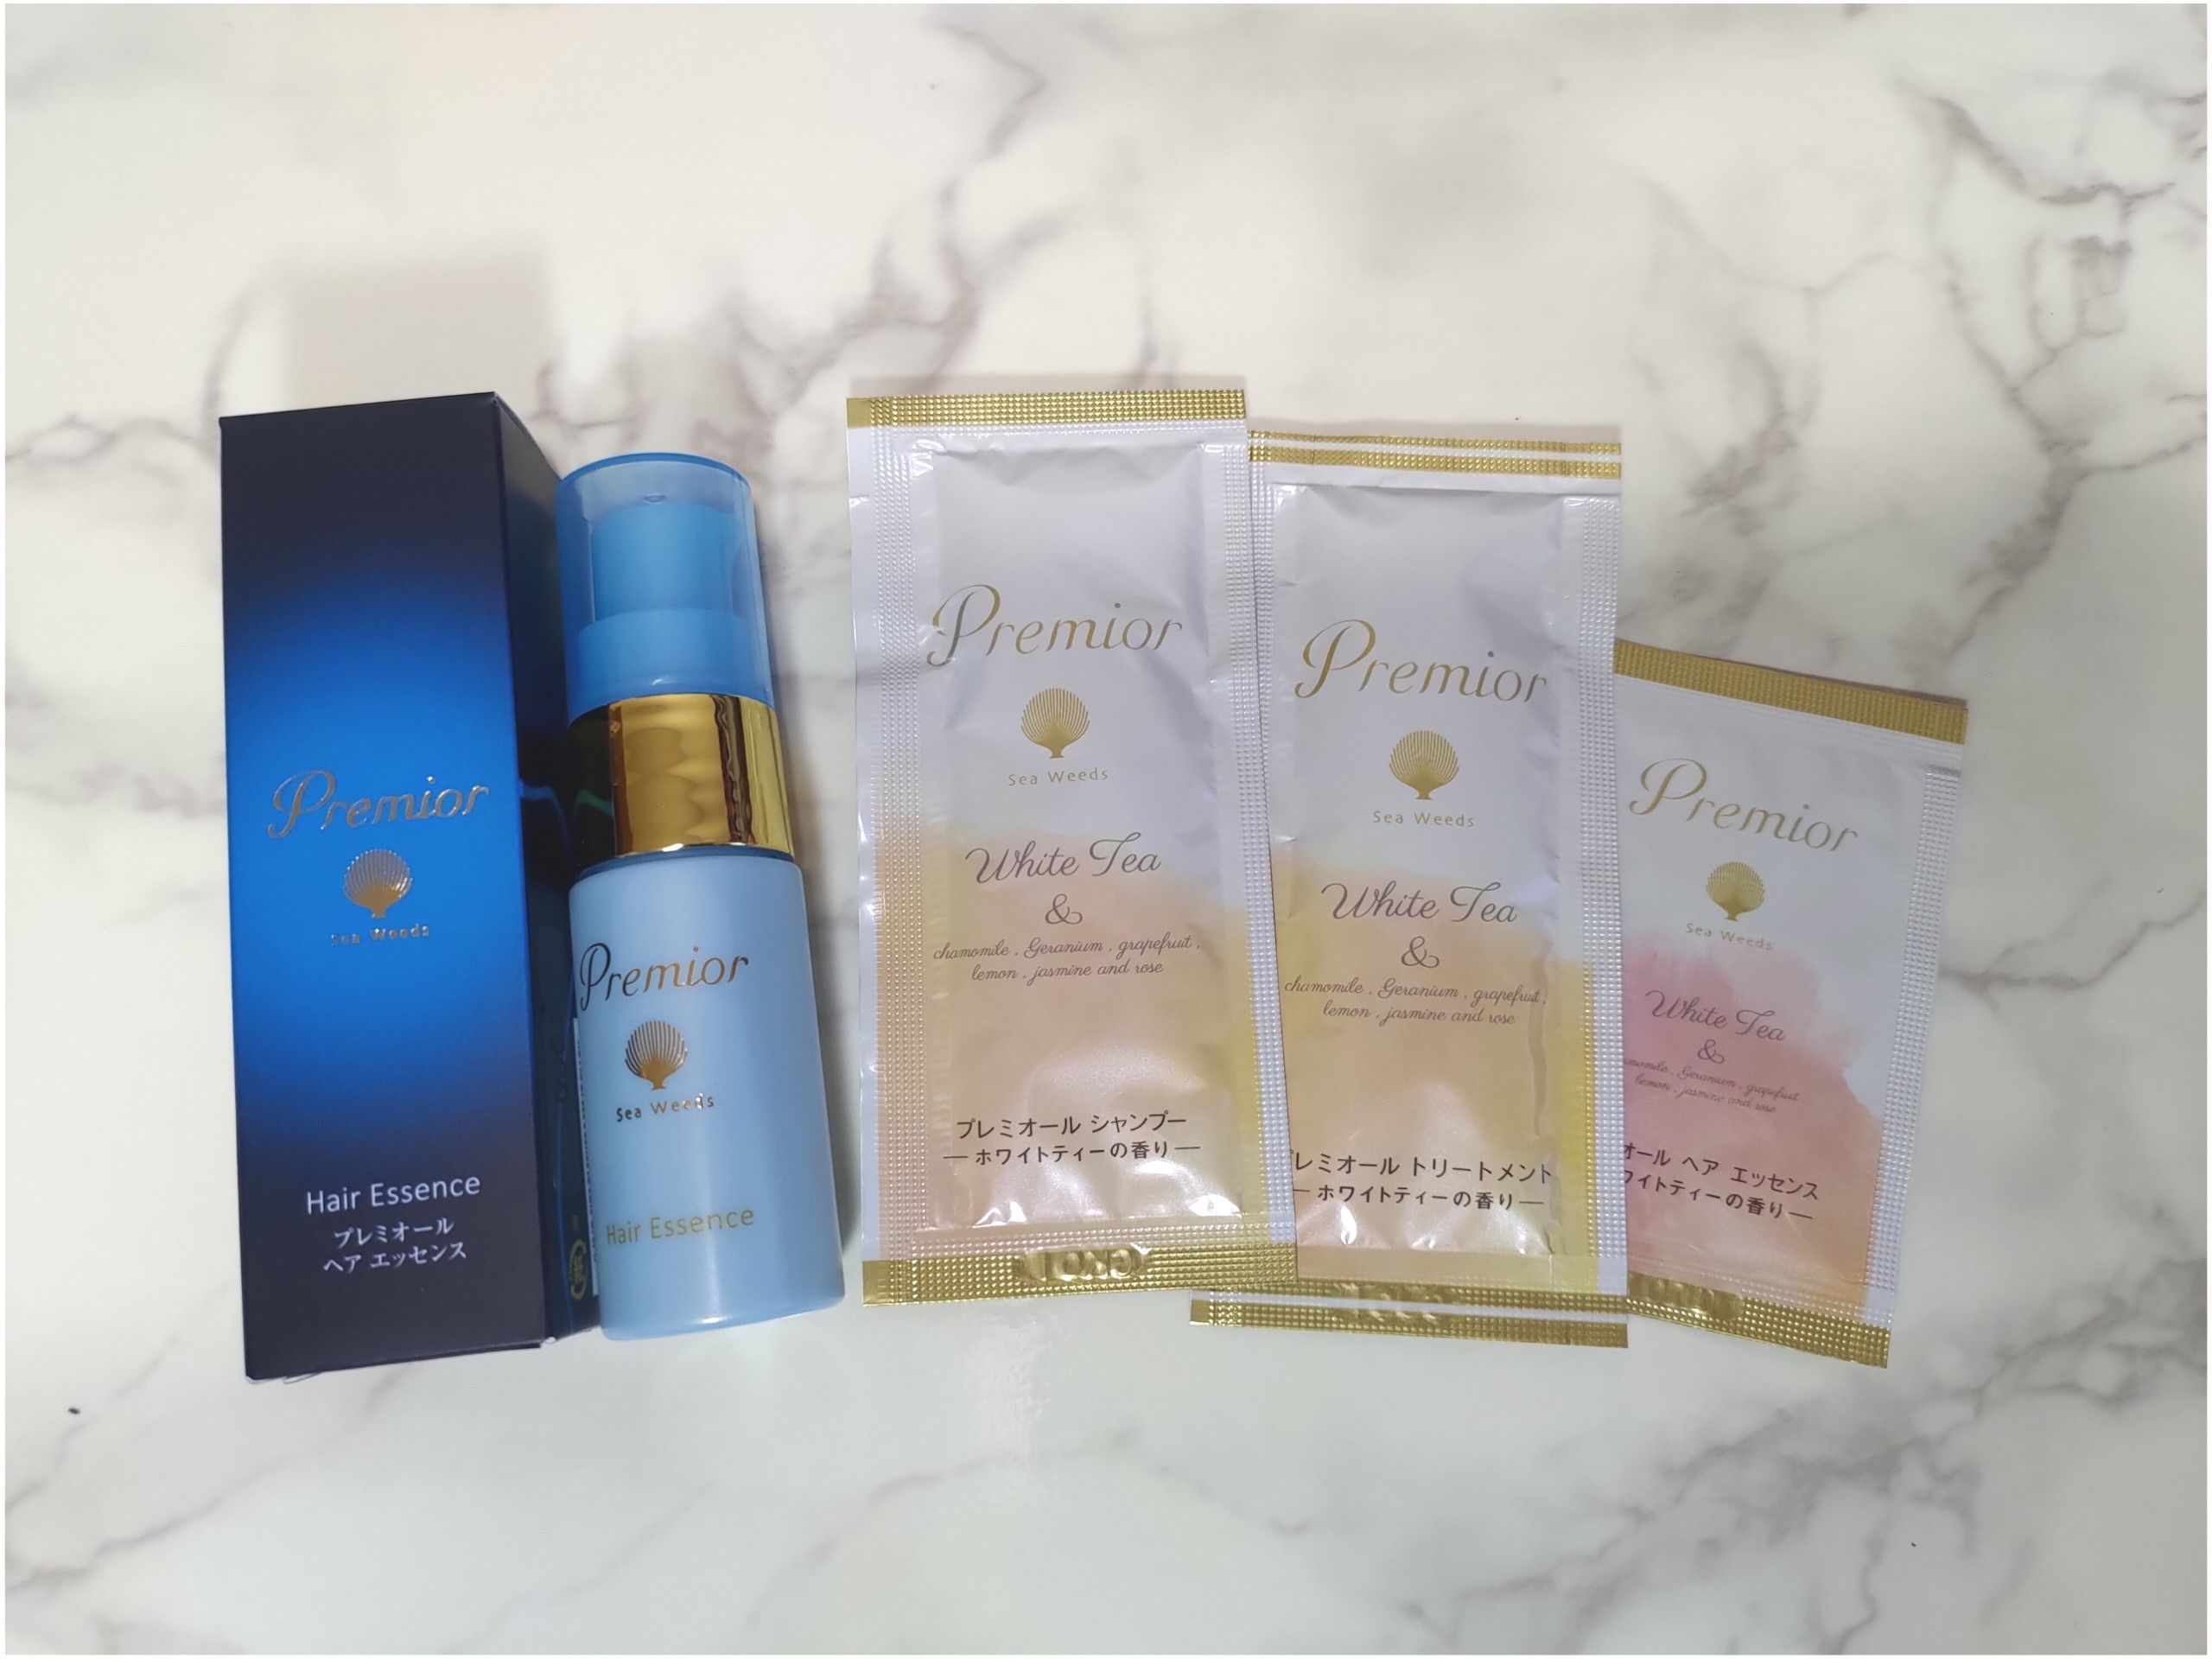 La Sana Premior ラサーナ プレミオール ヘア エッセンスとホワイトティーの香りのシャンプーセット